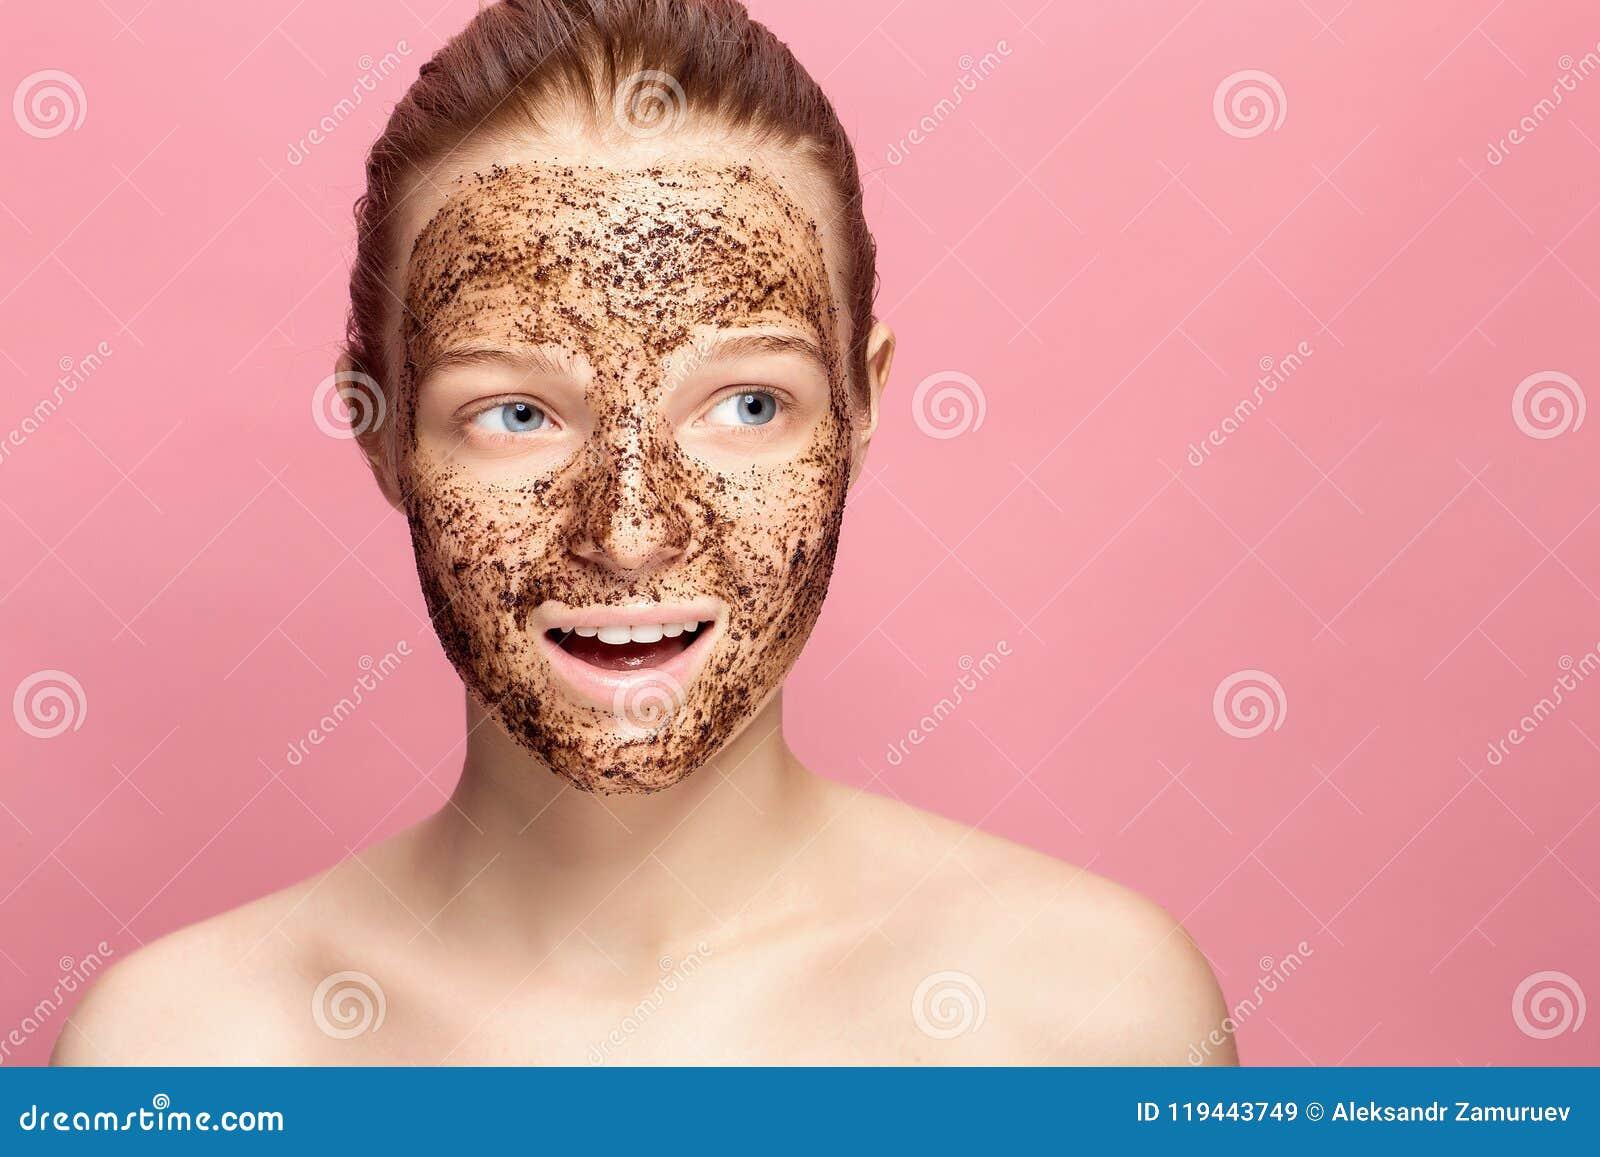 Gesichts-Haut scheuern sich Porträt sexy lächelnder weiblicher vorbildlicher Applying Natural Coffee-Maske, Gesicht scheuern sich